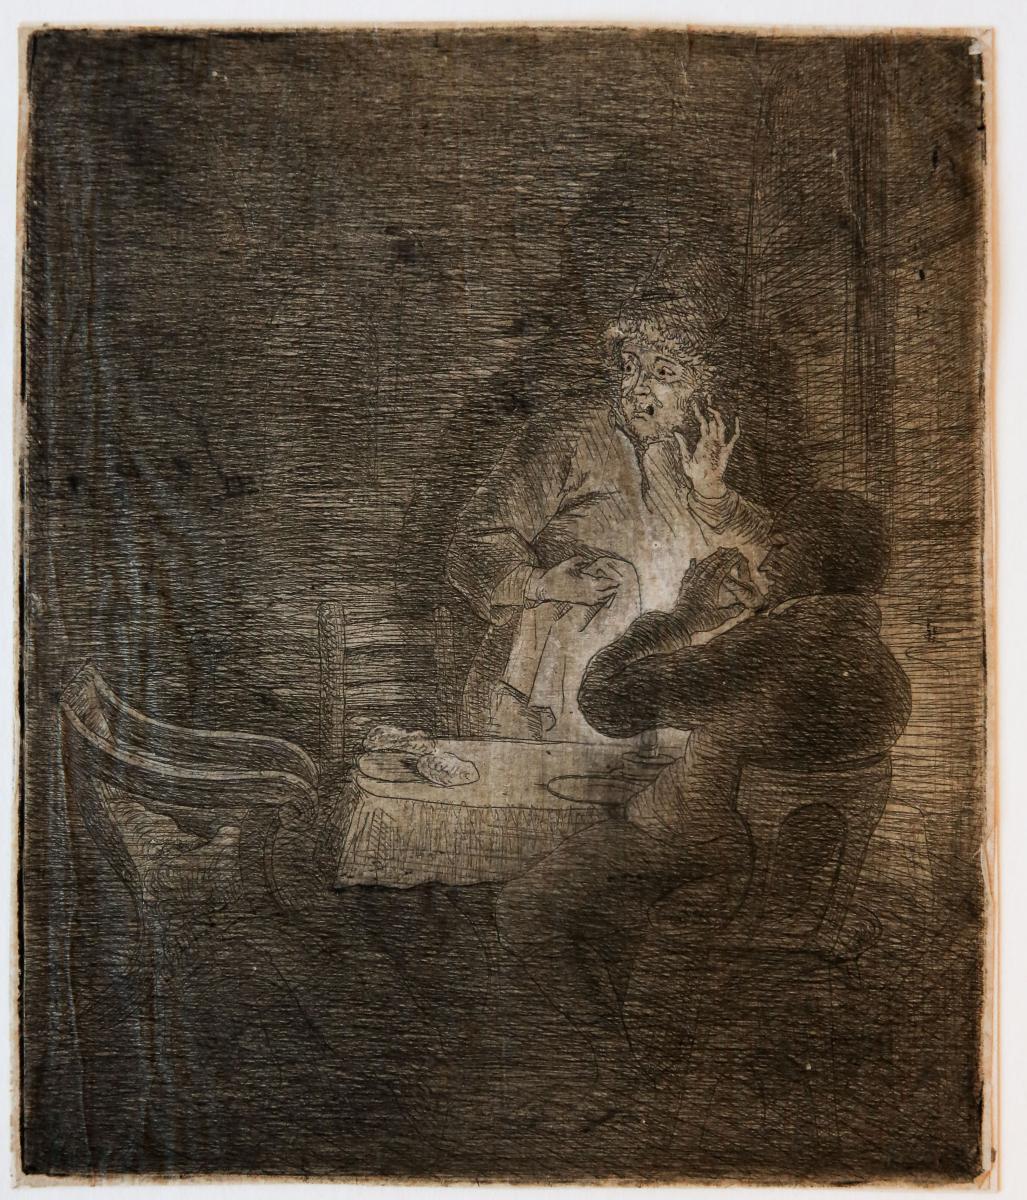 Christ dissappears in front of two disciples during meal in Emmaus (Christus verdwijnt voor ogen van twee leerlingen tijdens maaltijd in Emmaus).